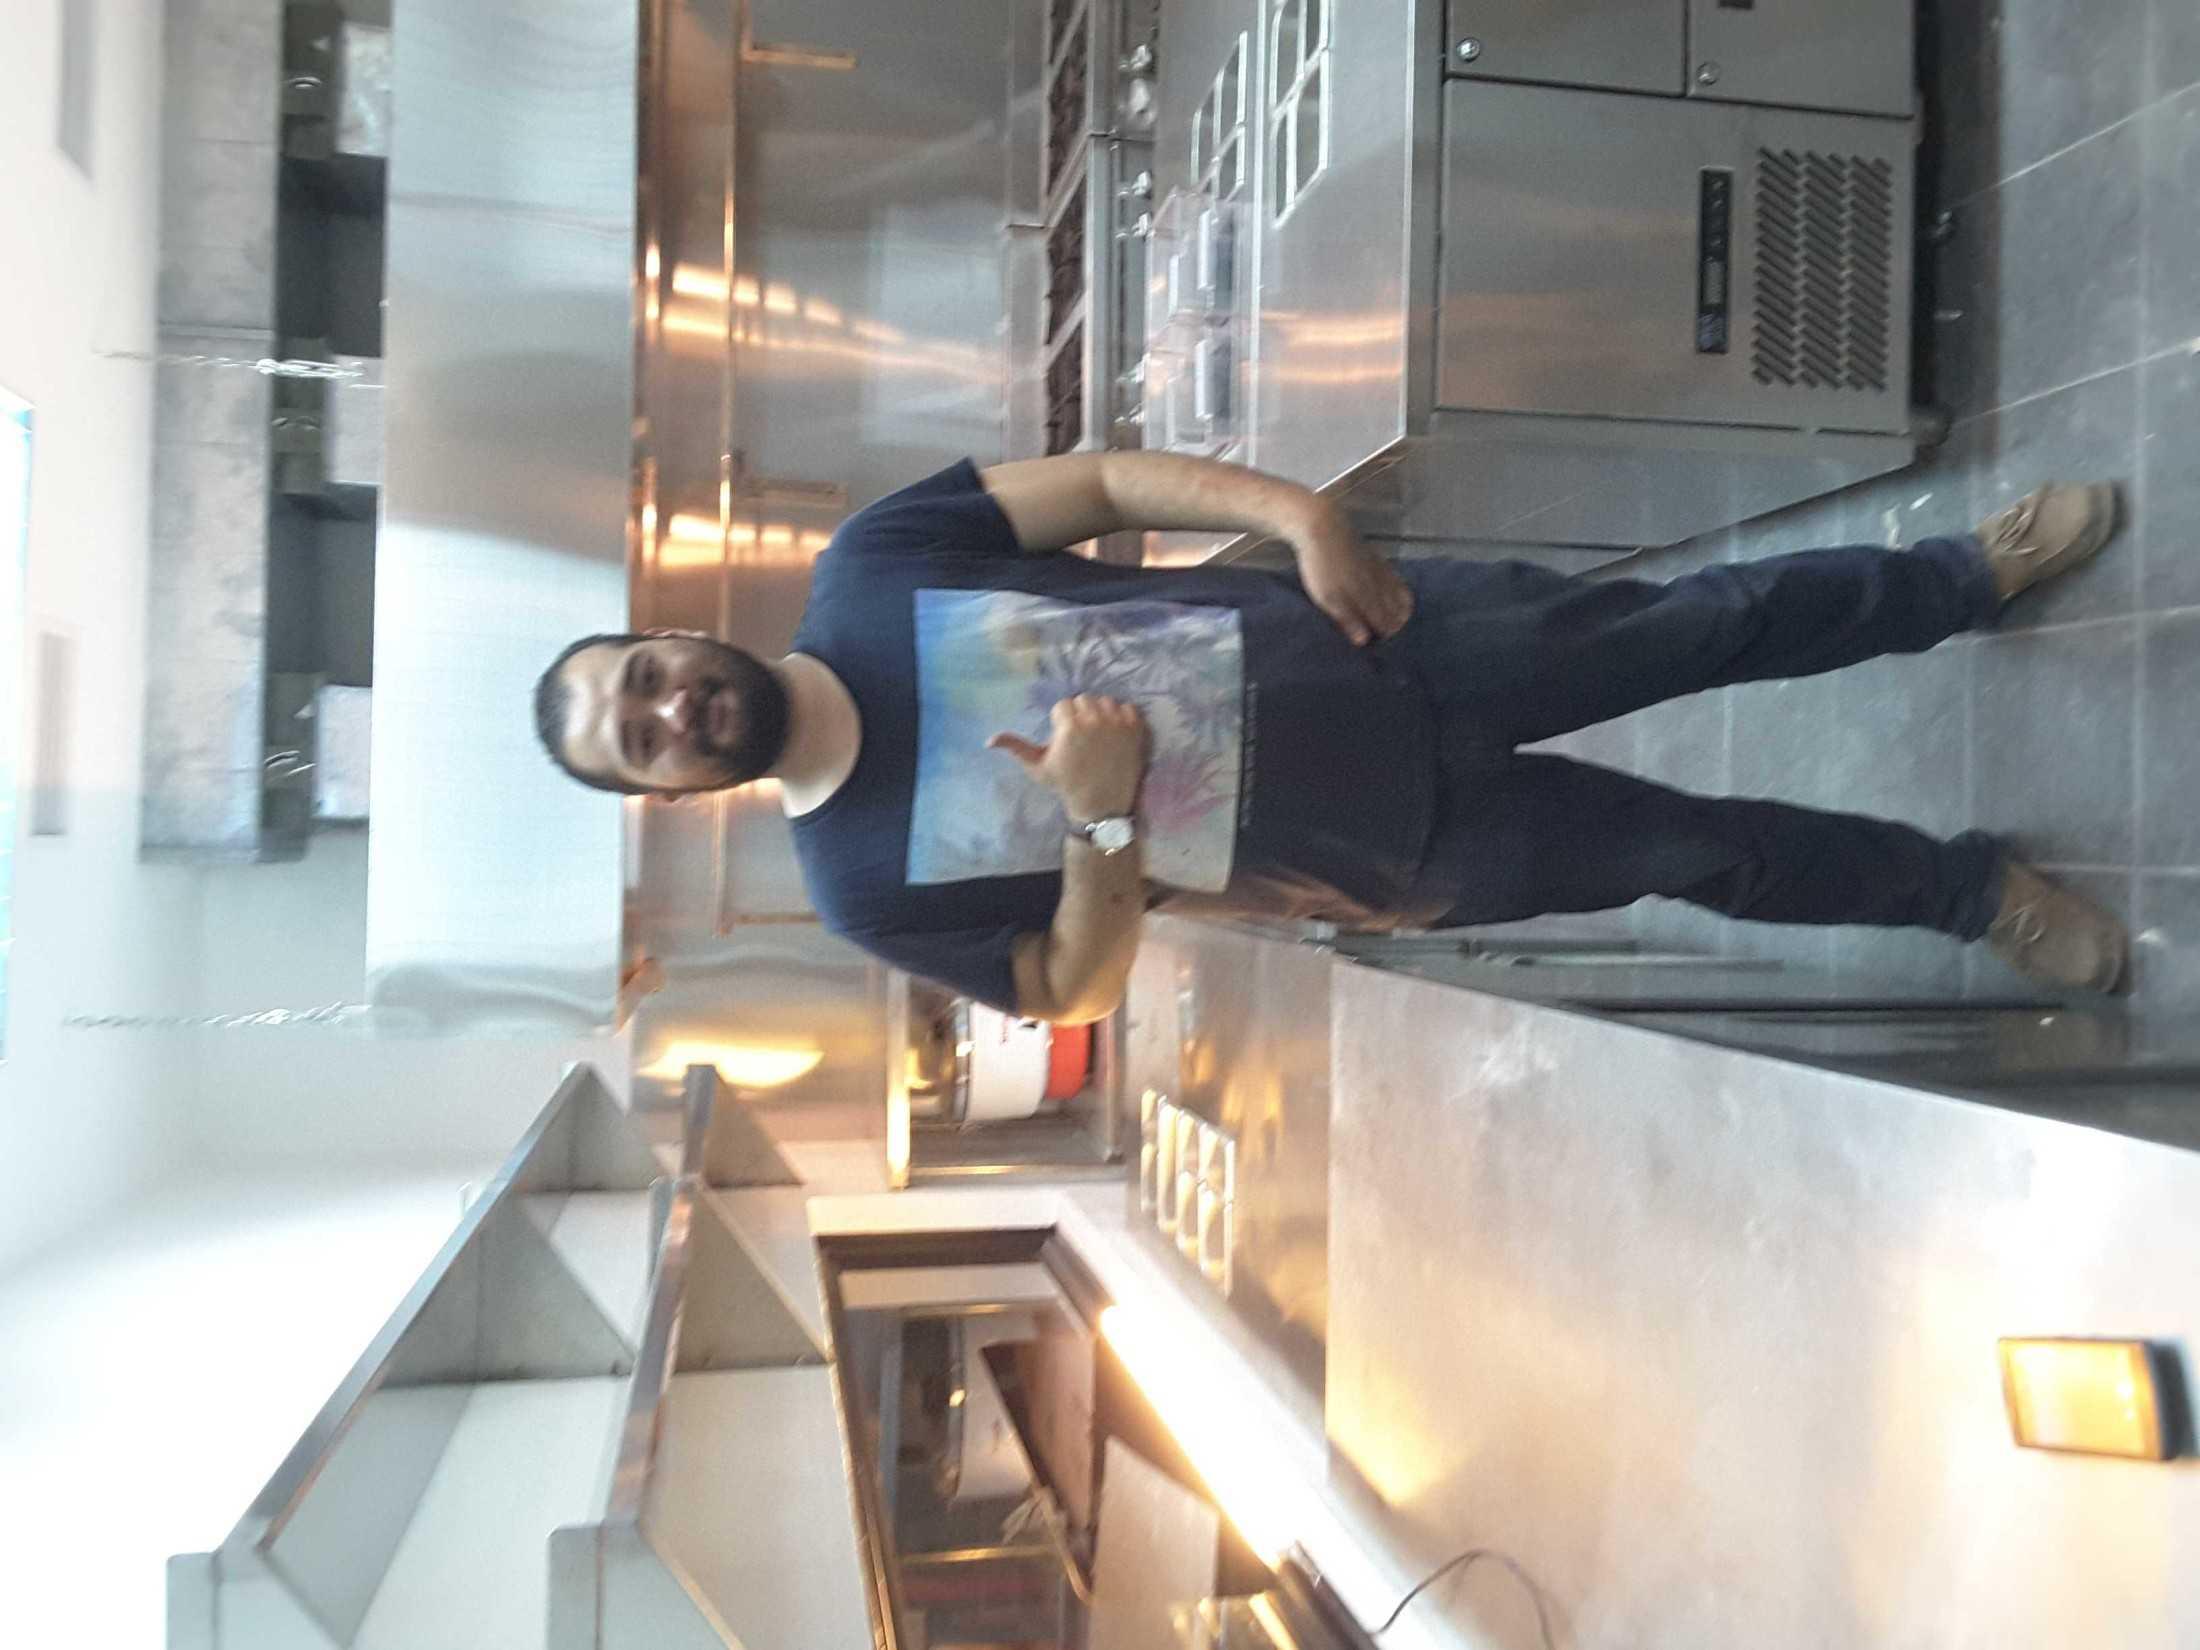 Pt. Primastian Metal Pertama School Food Aeon Jgc Jl. Jkt Garden City, Rt.1/rw.6, Cakung Tim., Kec. Cakung, Kota Jakarta Timur, Daerah Khusus Ibukota Jakarta 13910, Indonesia Jl. Jkt Garden City, Rt.1/rw.6, Cakung Tim., Kec. Cakung, Kota Jakarta Timur, Daerah Khusus Ibukota Jakarta 13910, Indonesia Bengkel-Kitchen-School-Food-Aeon-Jgc  80882